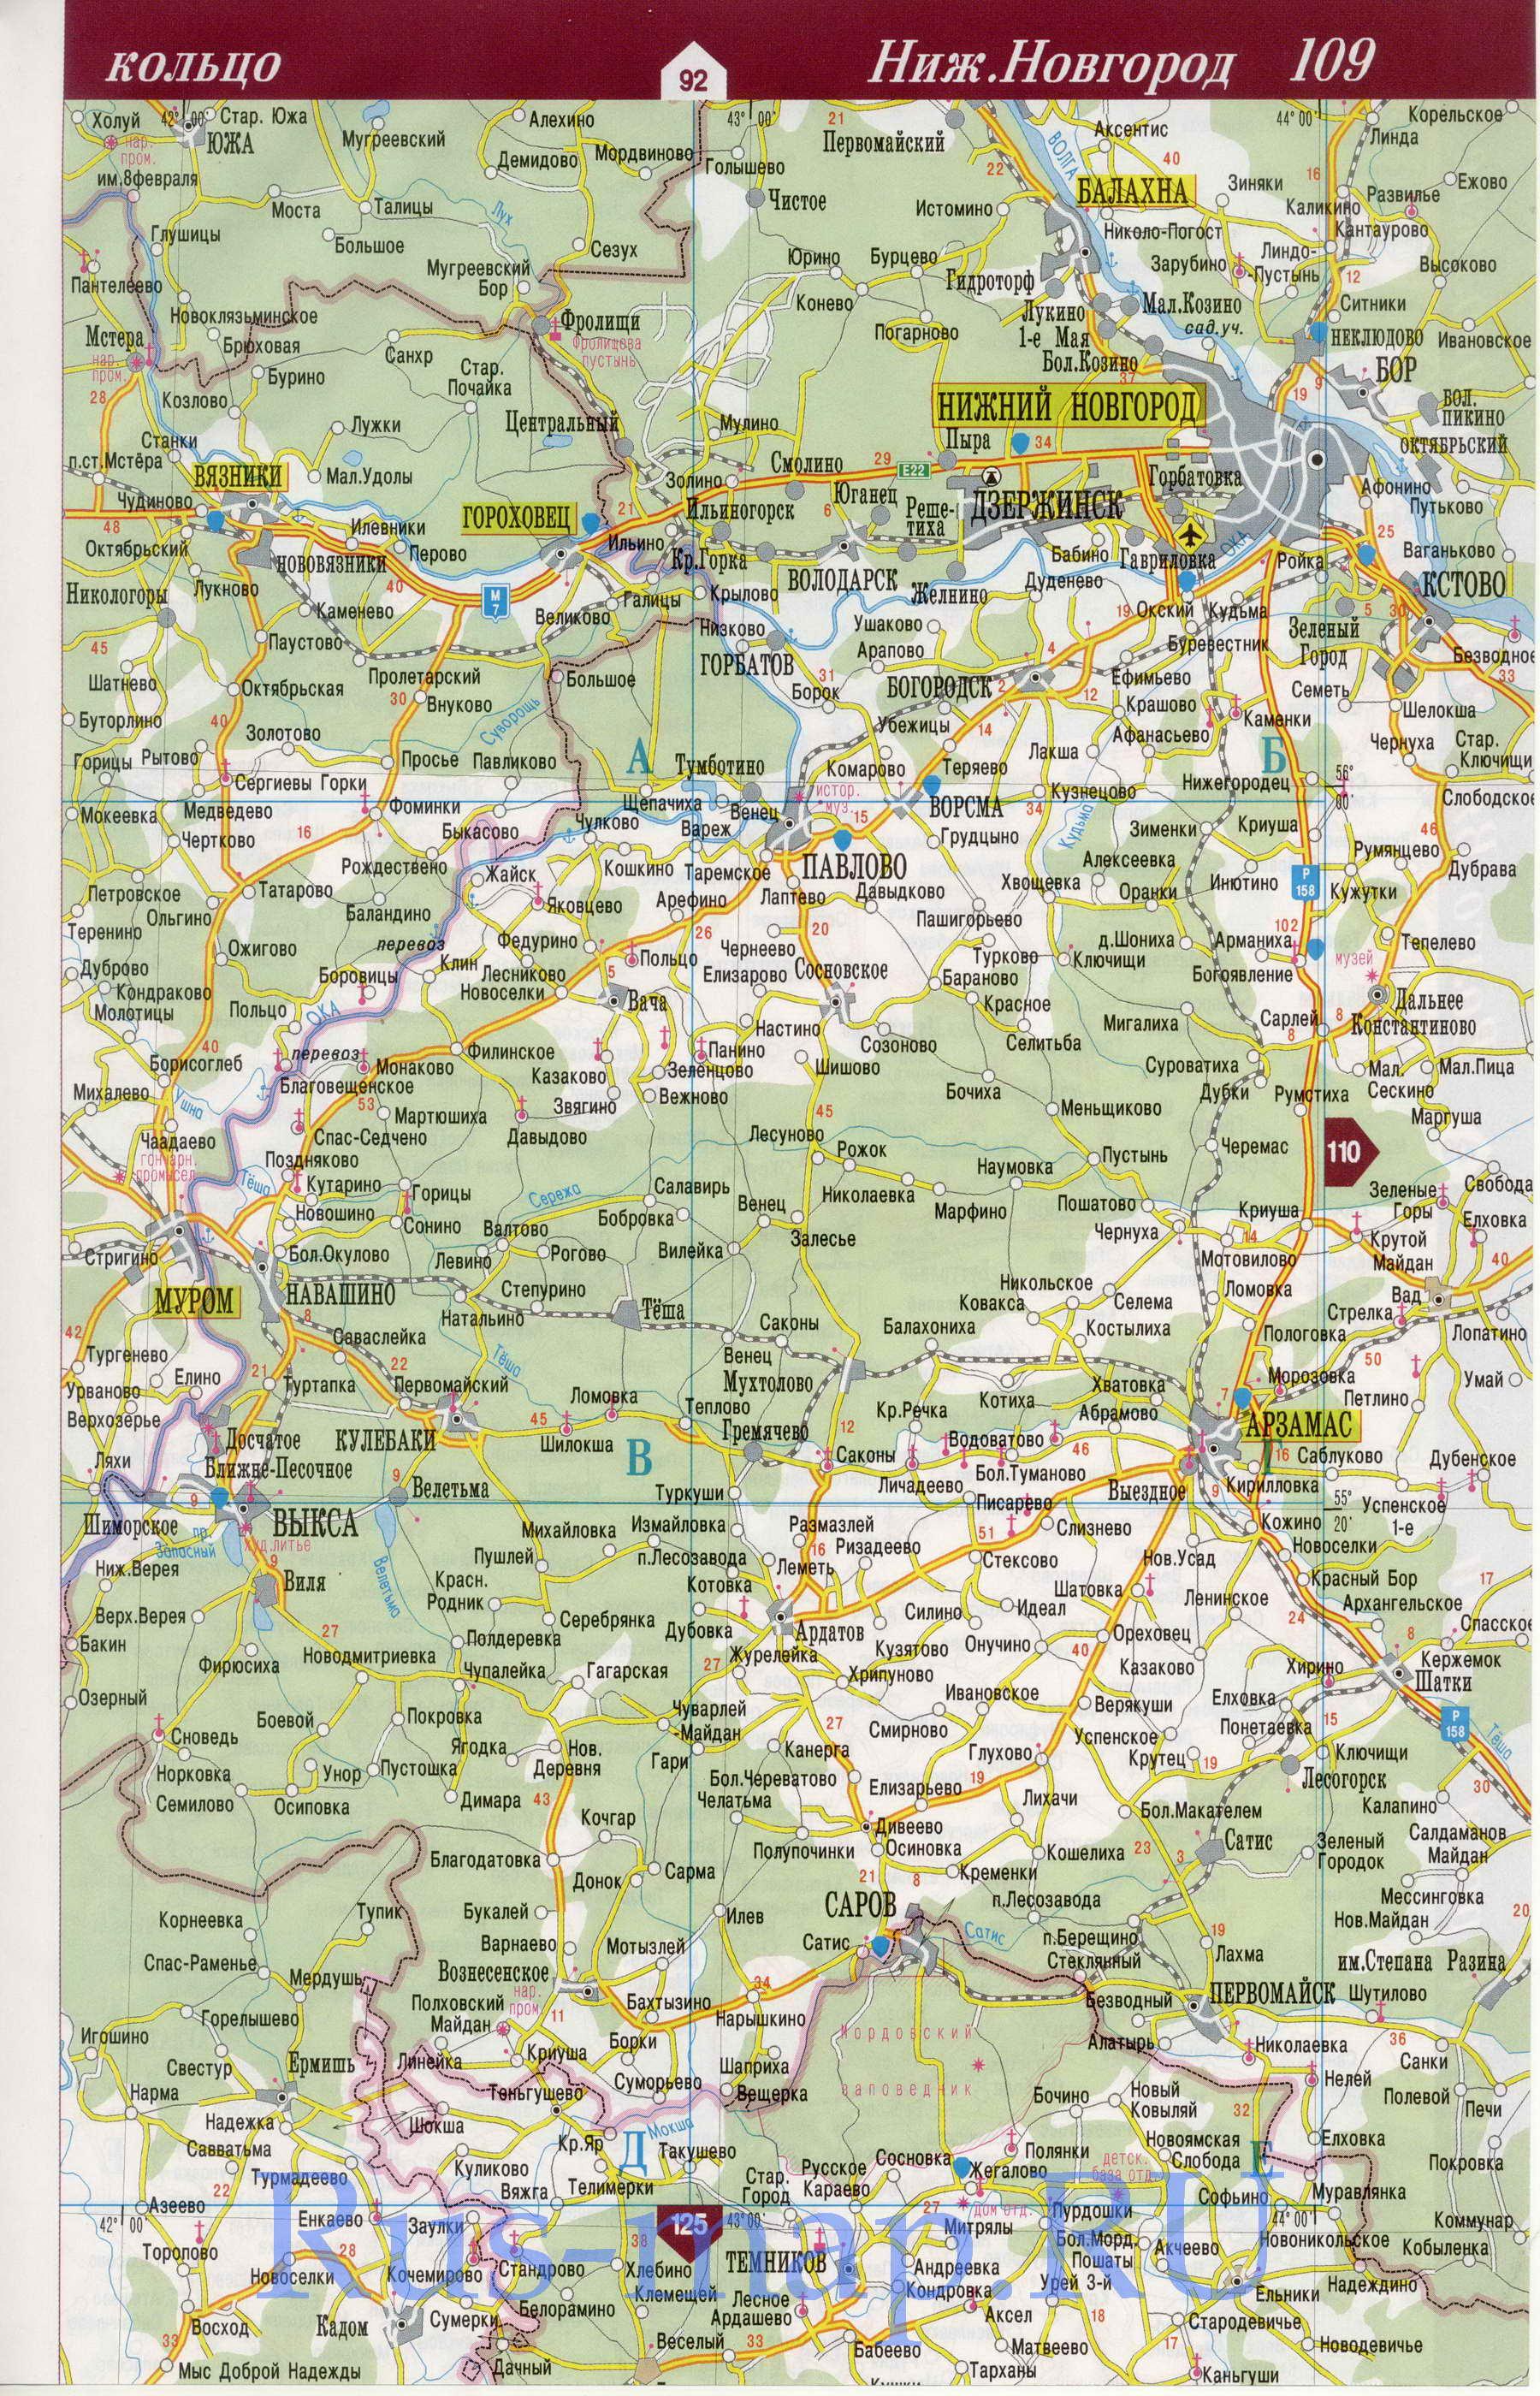 Подробная карта автомобильных дорог Мордовии 1см:8км.